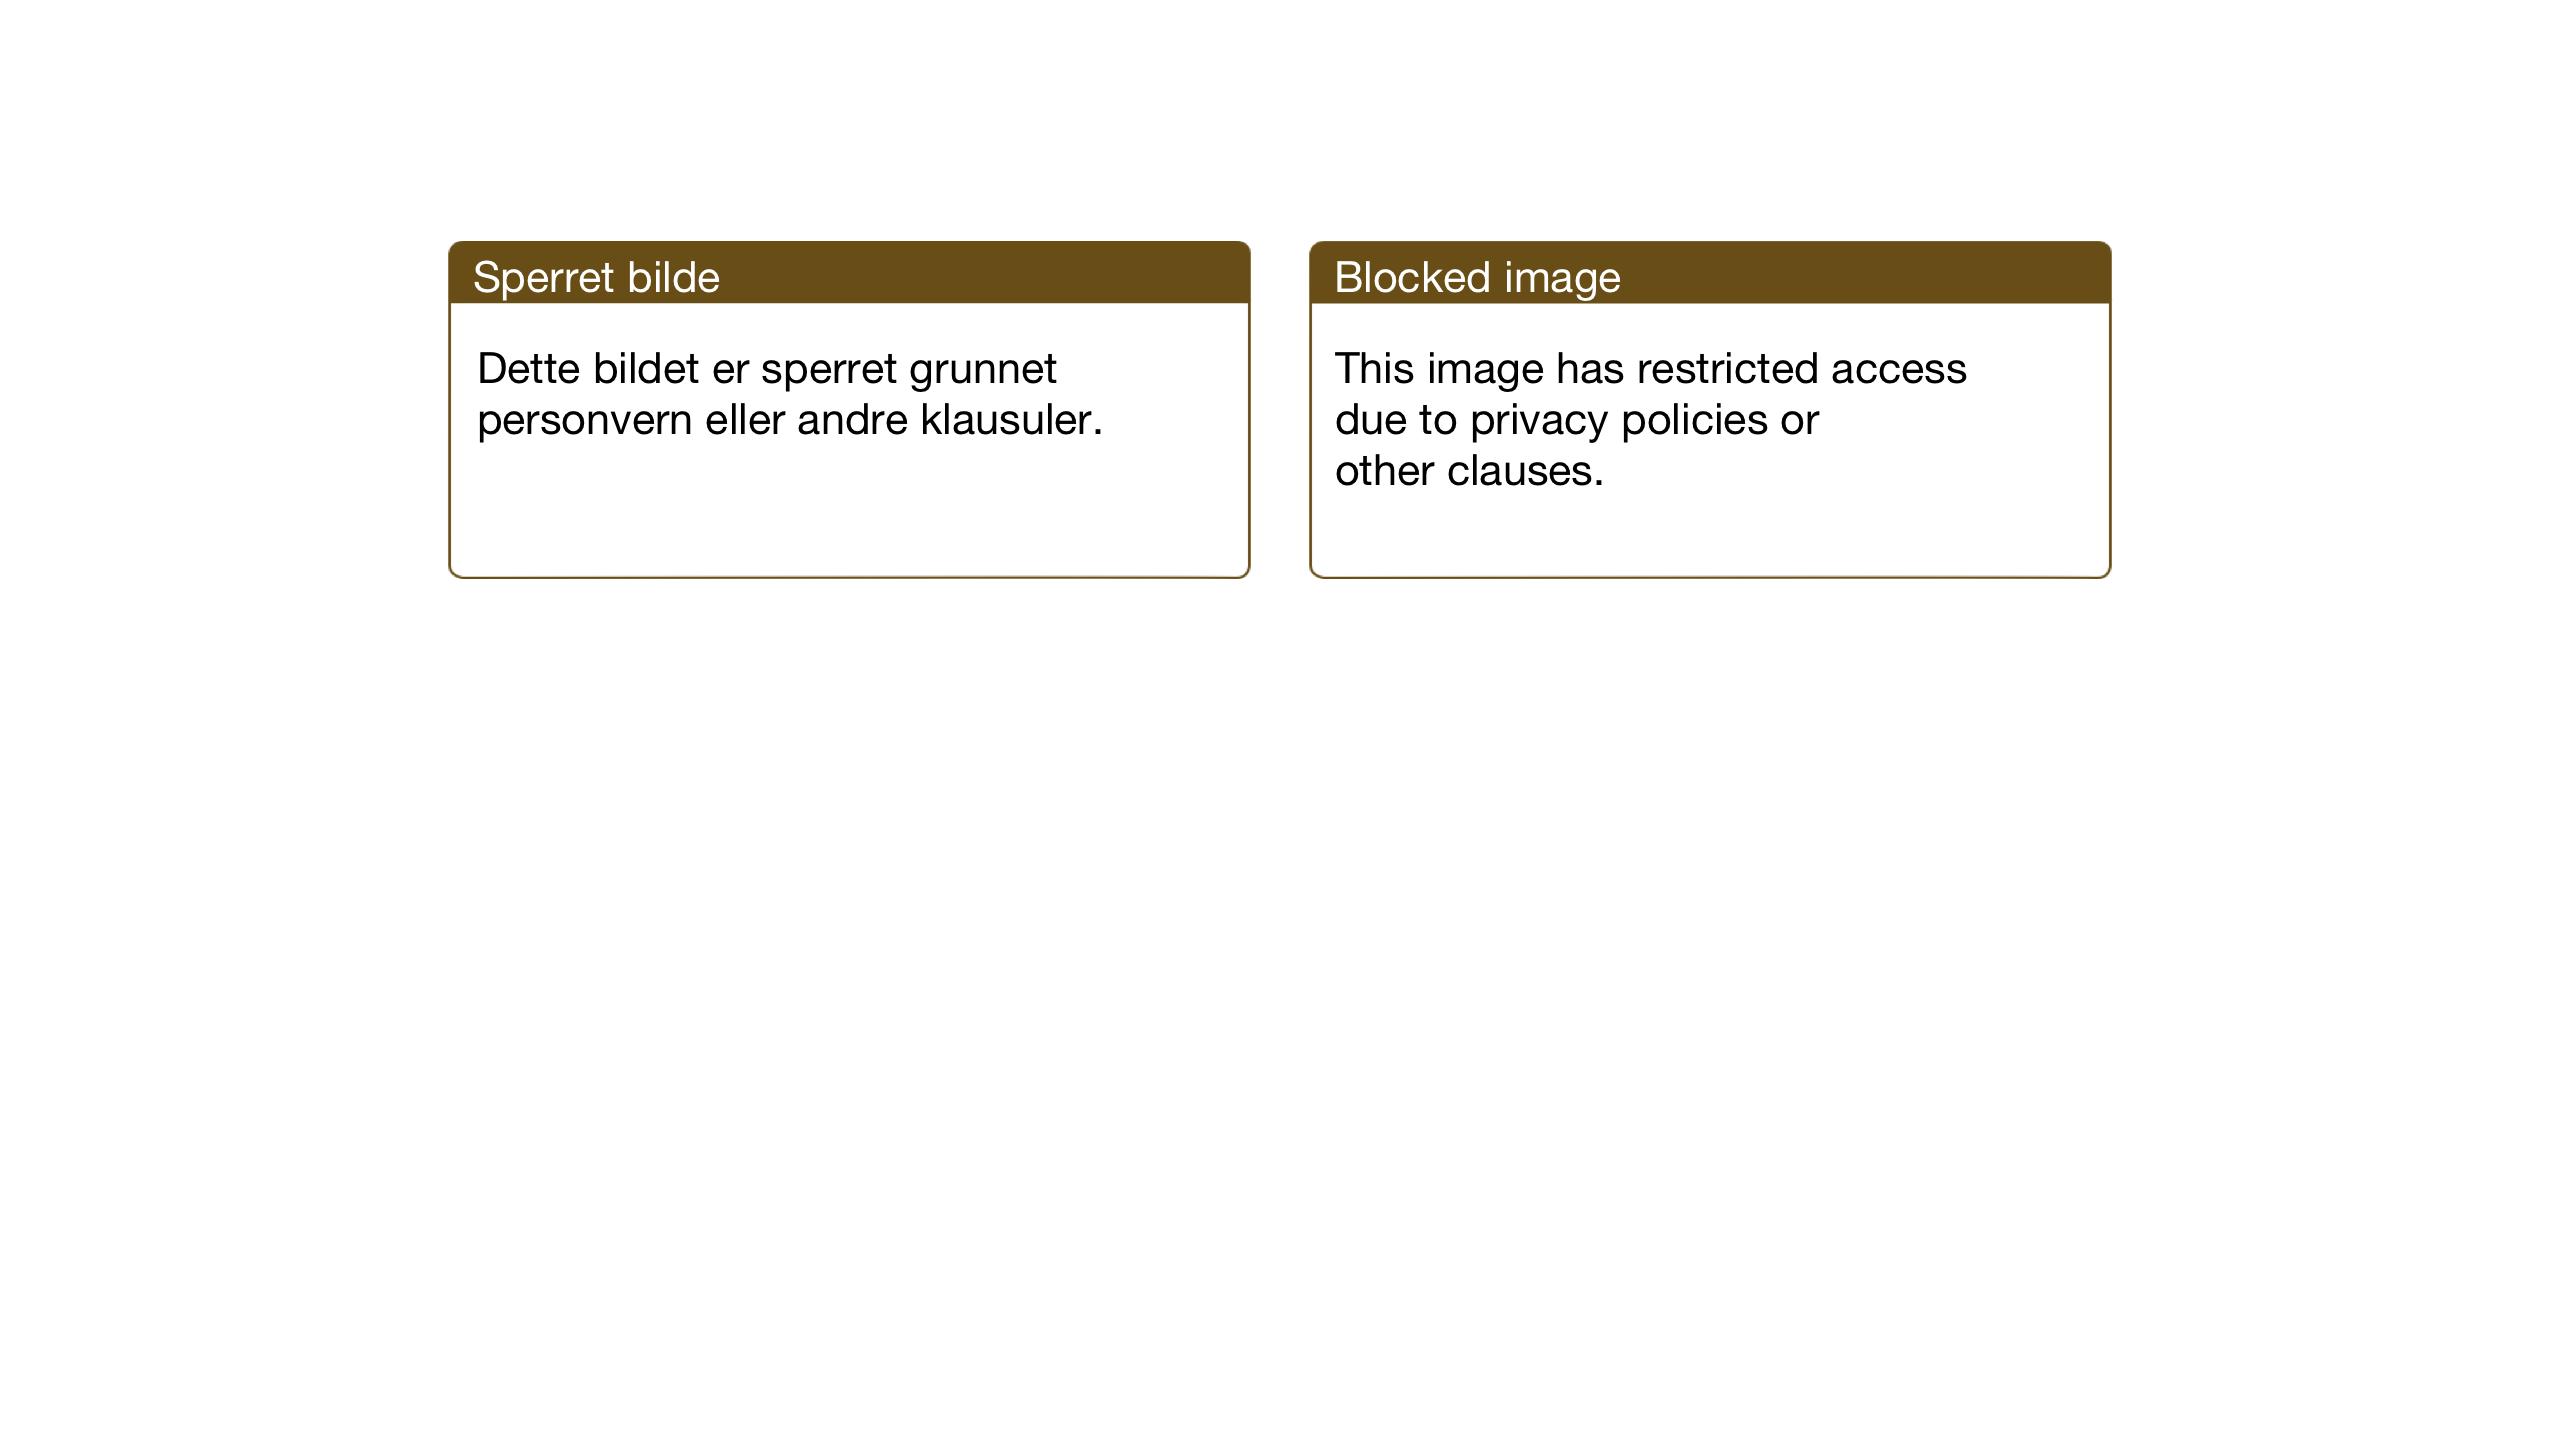 SAT, Ministerialprotokoller, klokkerbøker og fødselsregistre - Nord-Trøndelag, 733/L0328: Klokkerbok nr. 733C03, 1919-1966, s. 21